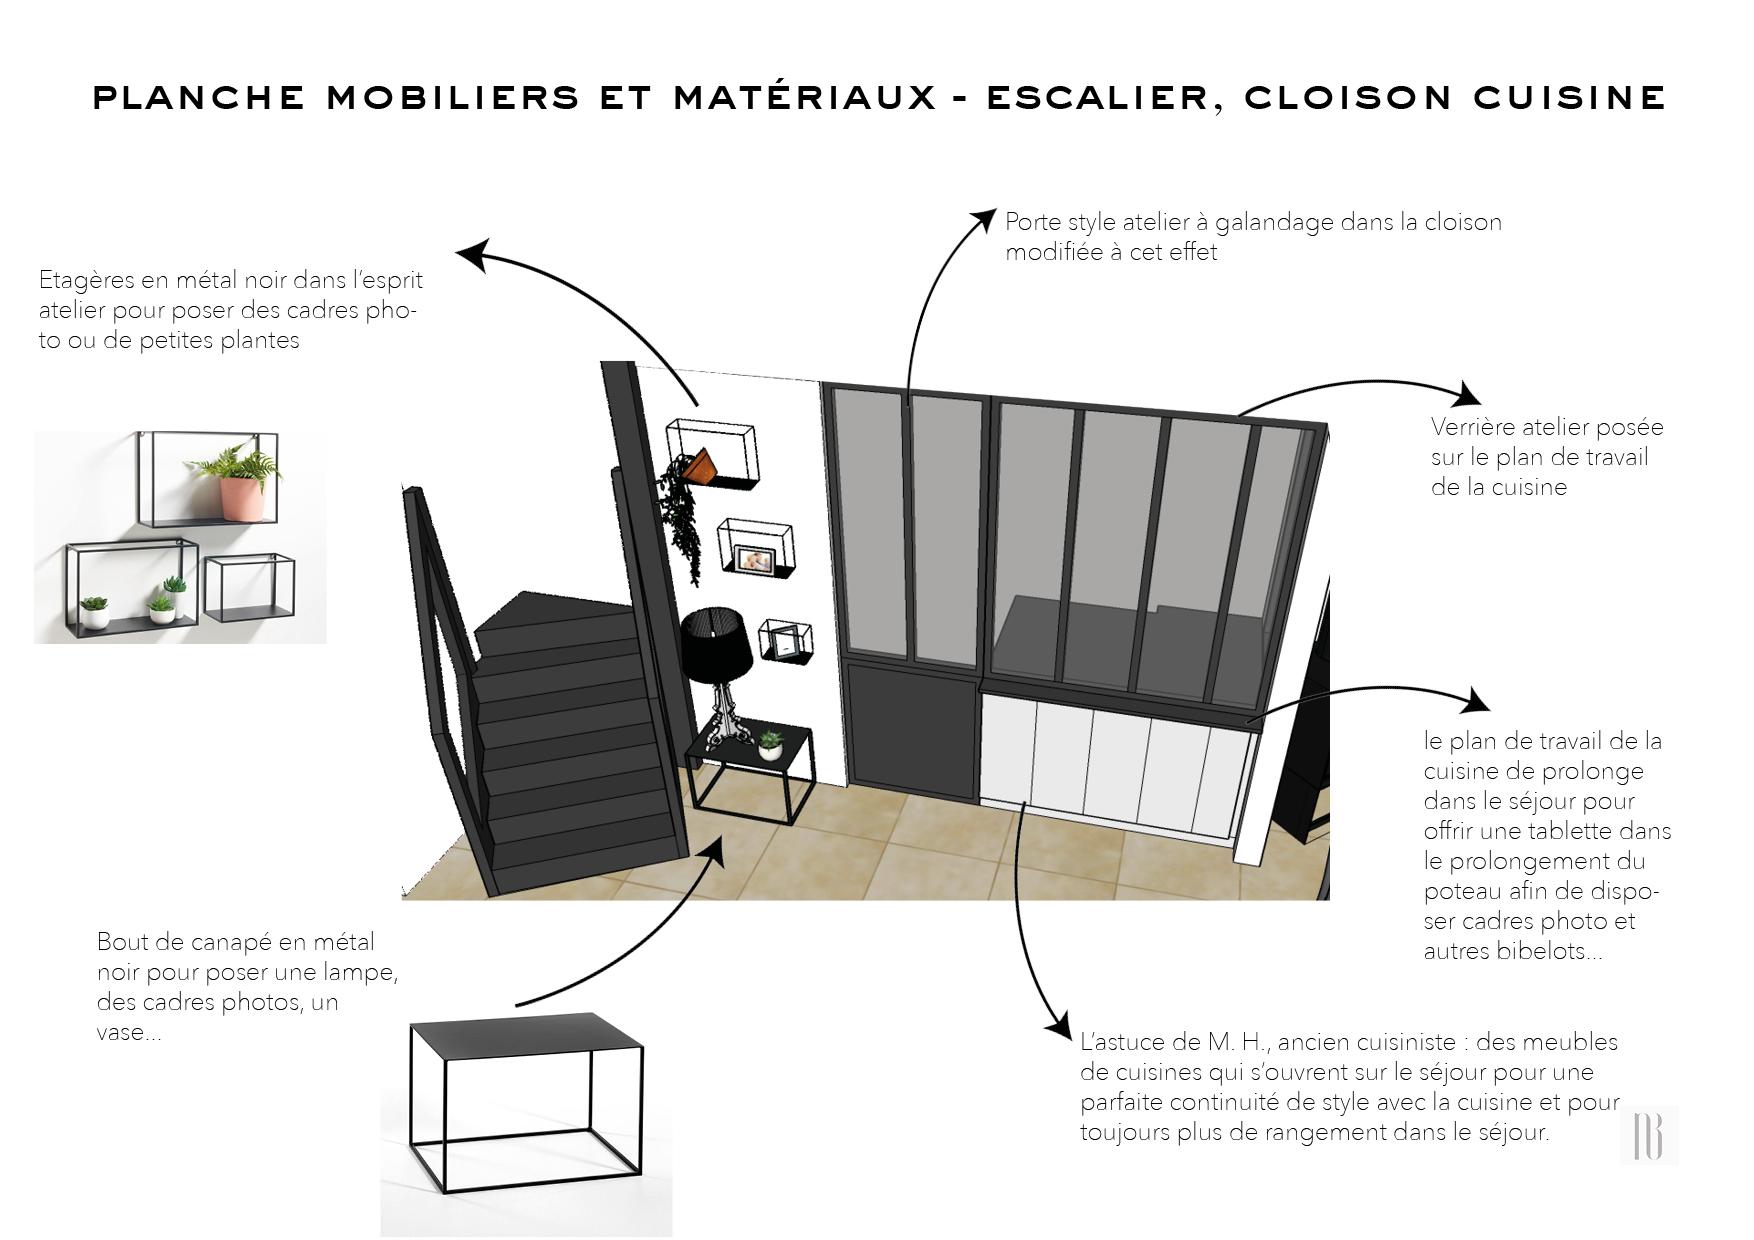 Nathalie Bossard décoration architecture intérieur Rennes 35 UFDI-390 Book déco maison individuelle bretagne sud 2019 planche mobilier et matériaux escalier cloison atelier